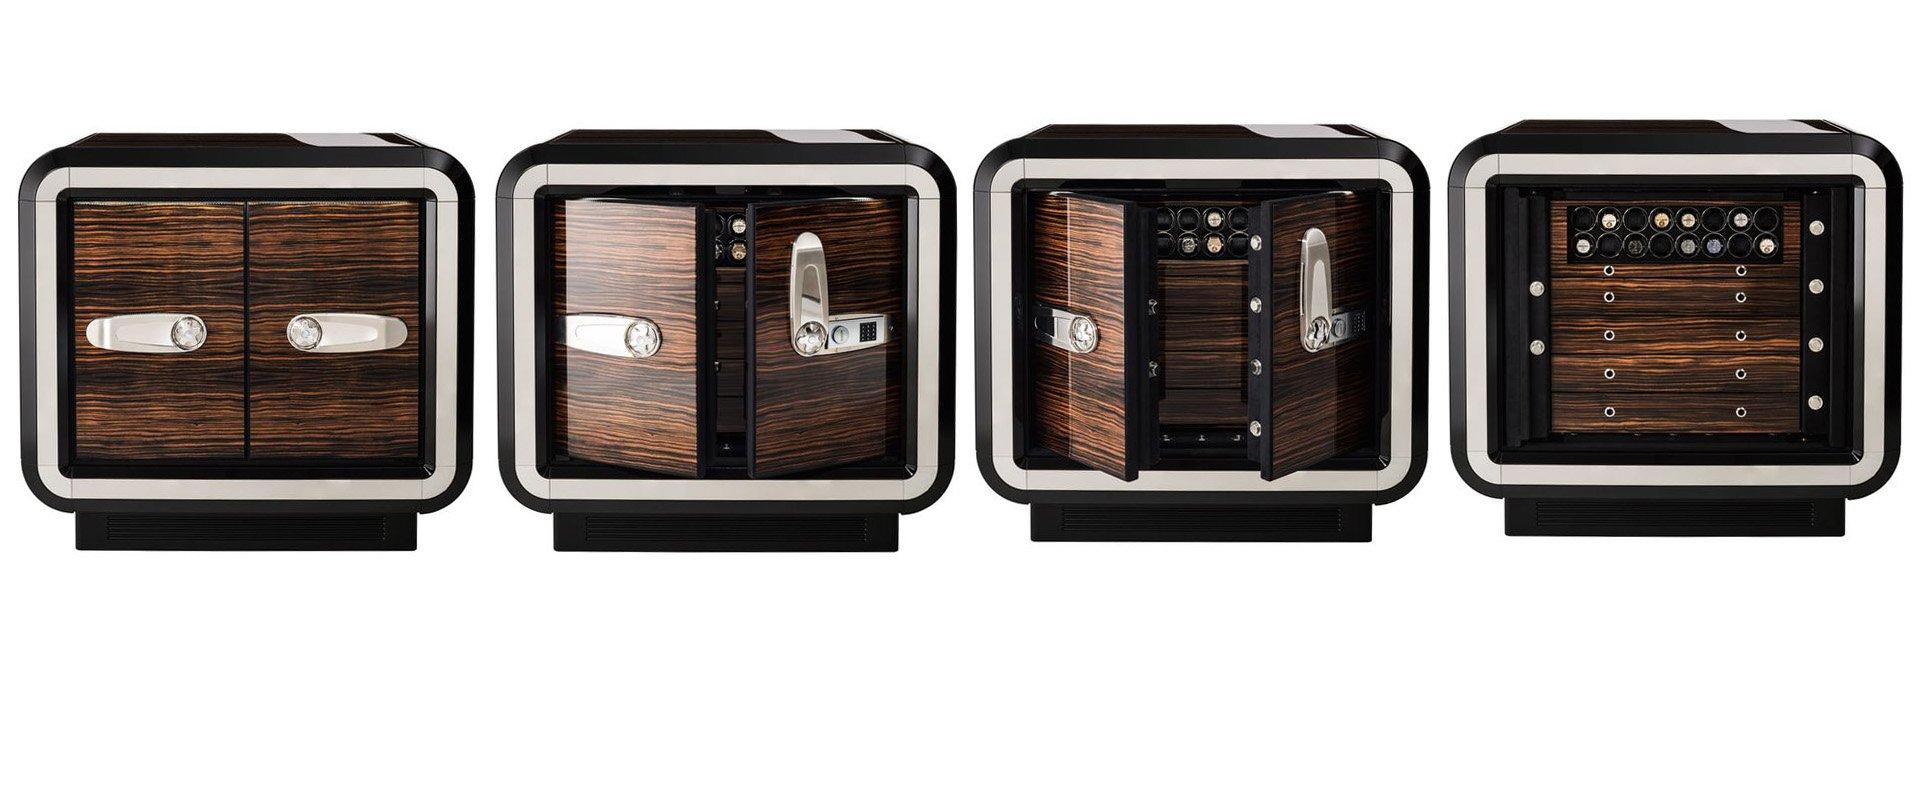 Las cajas fuertes de Buben & Zorweg, auténticas joyas de seguridad